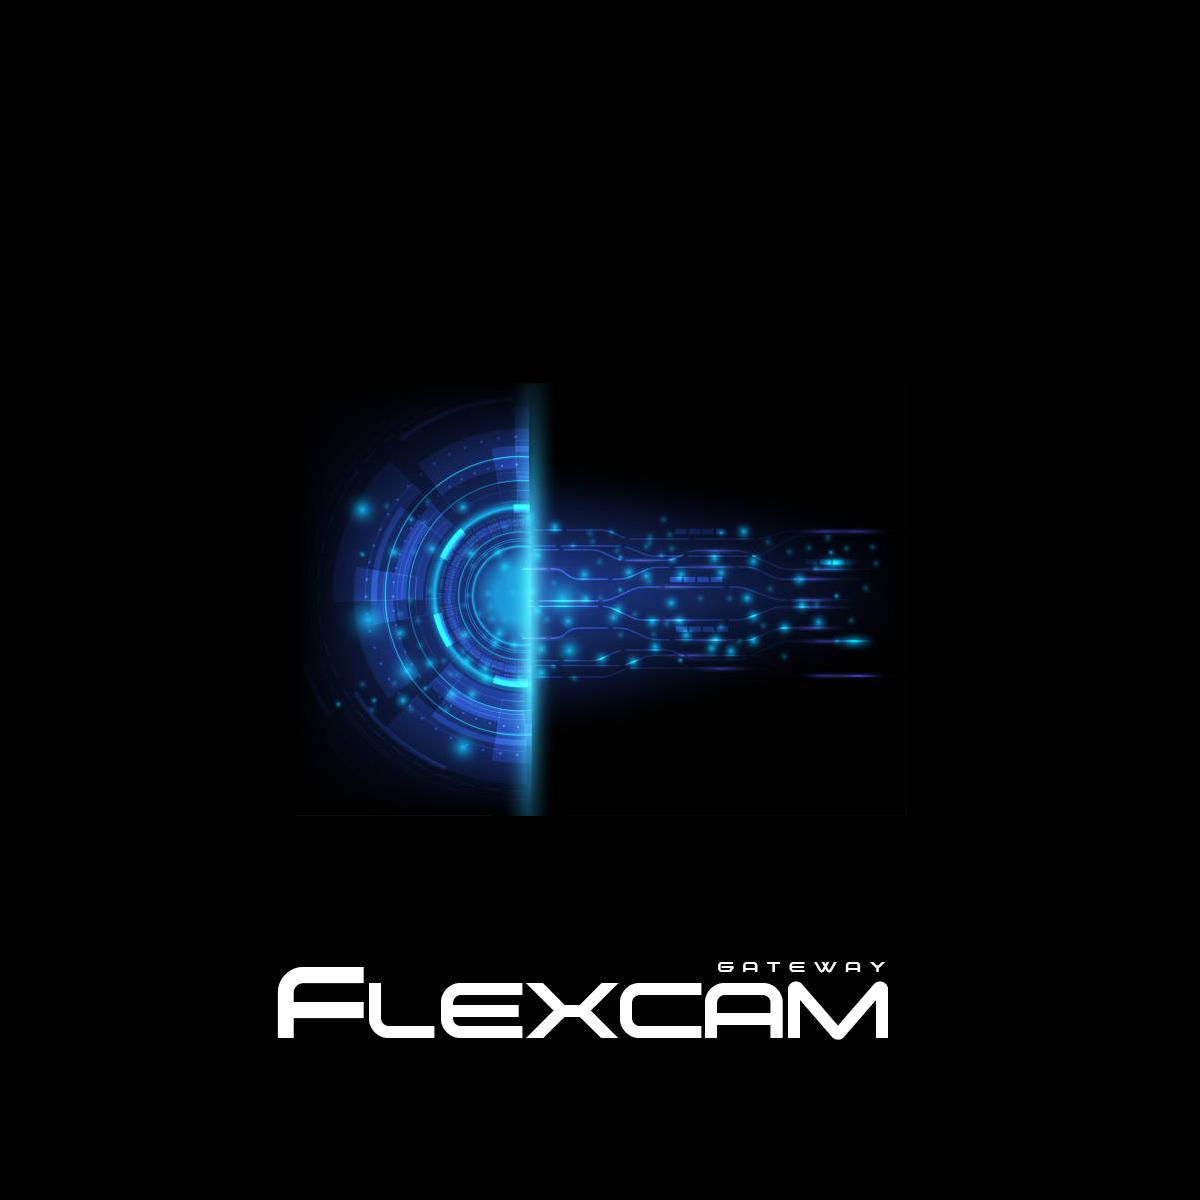 flexcam_gw.jpg